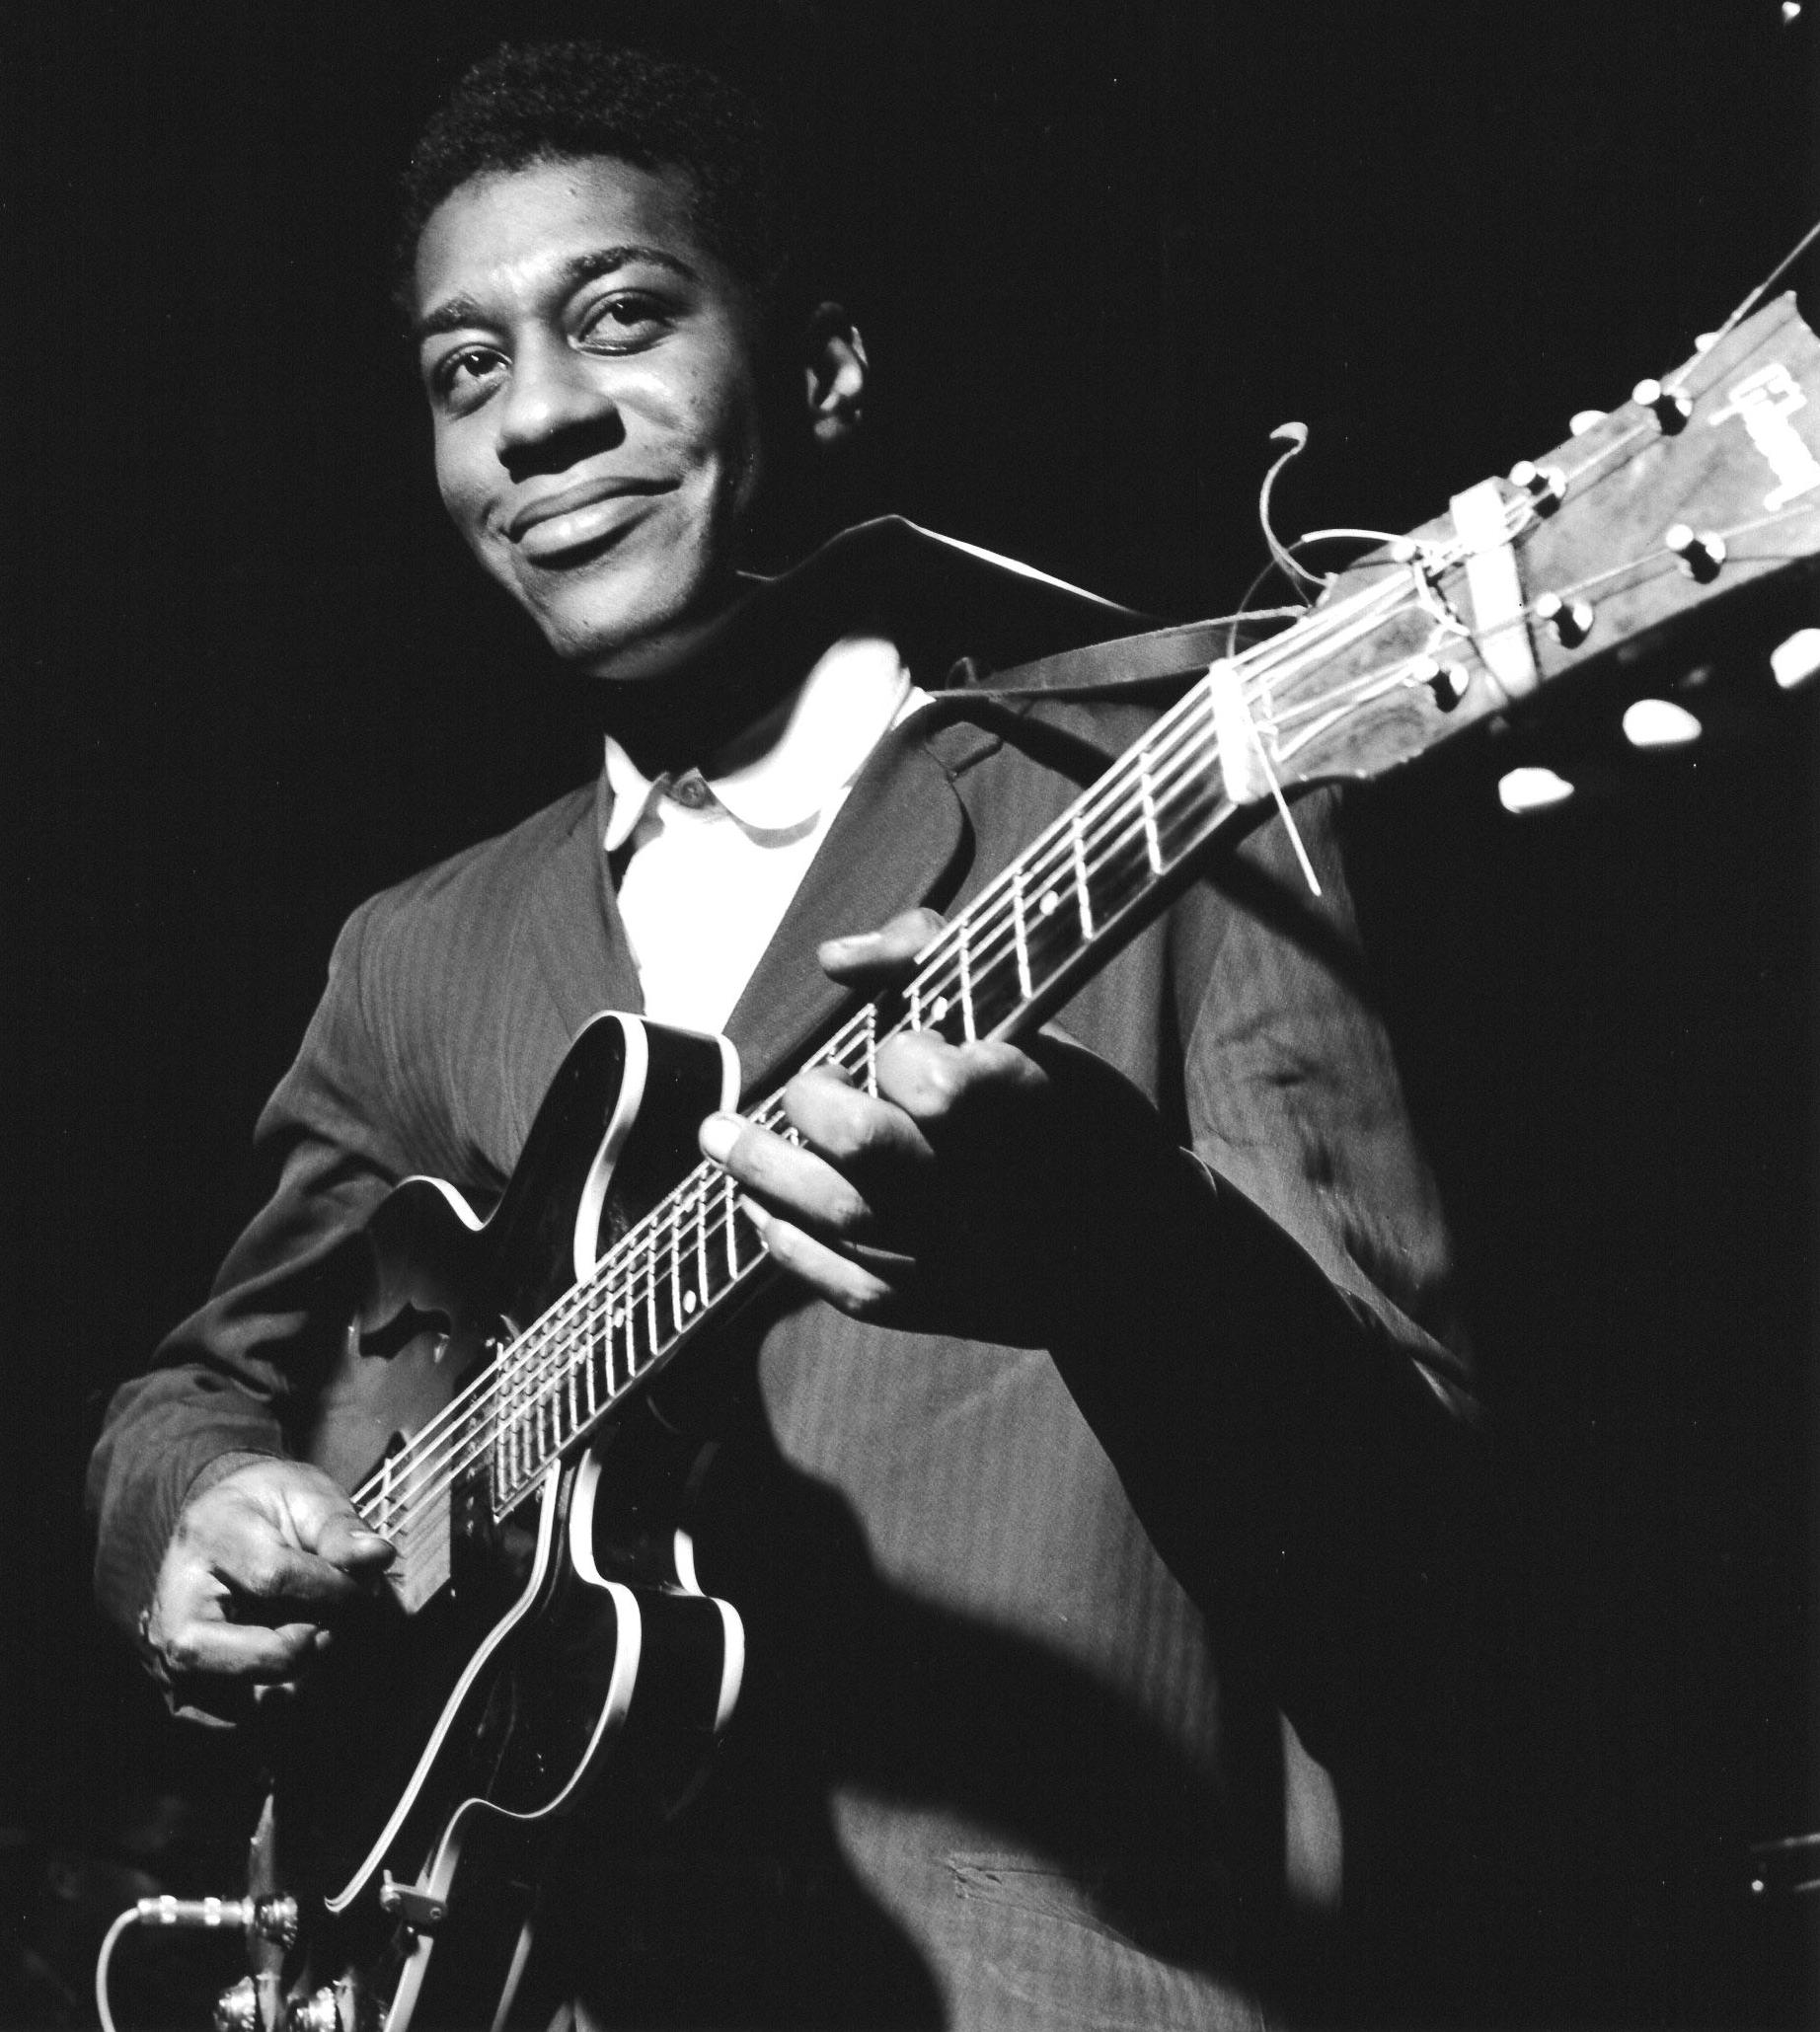 Grant Green in 1961